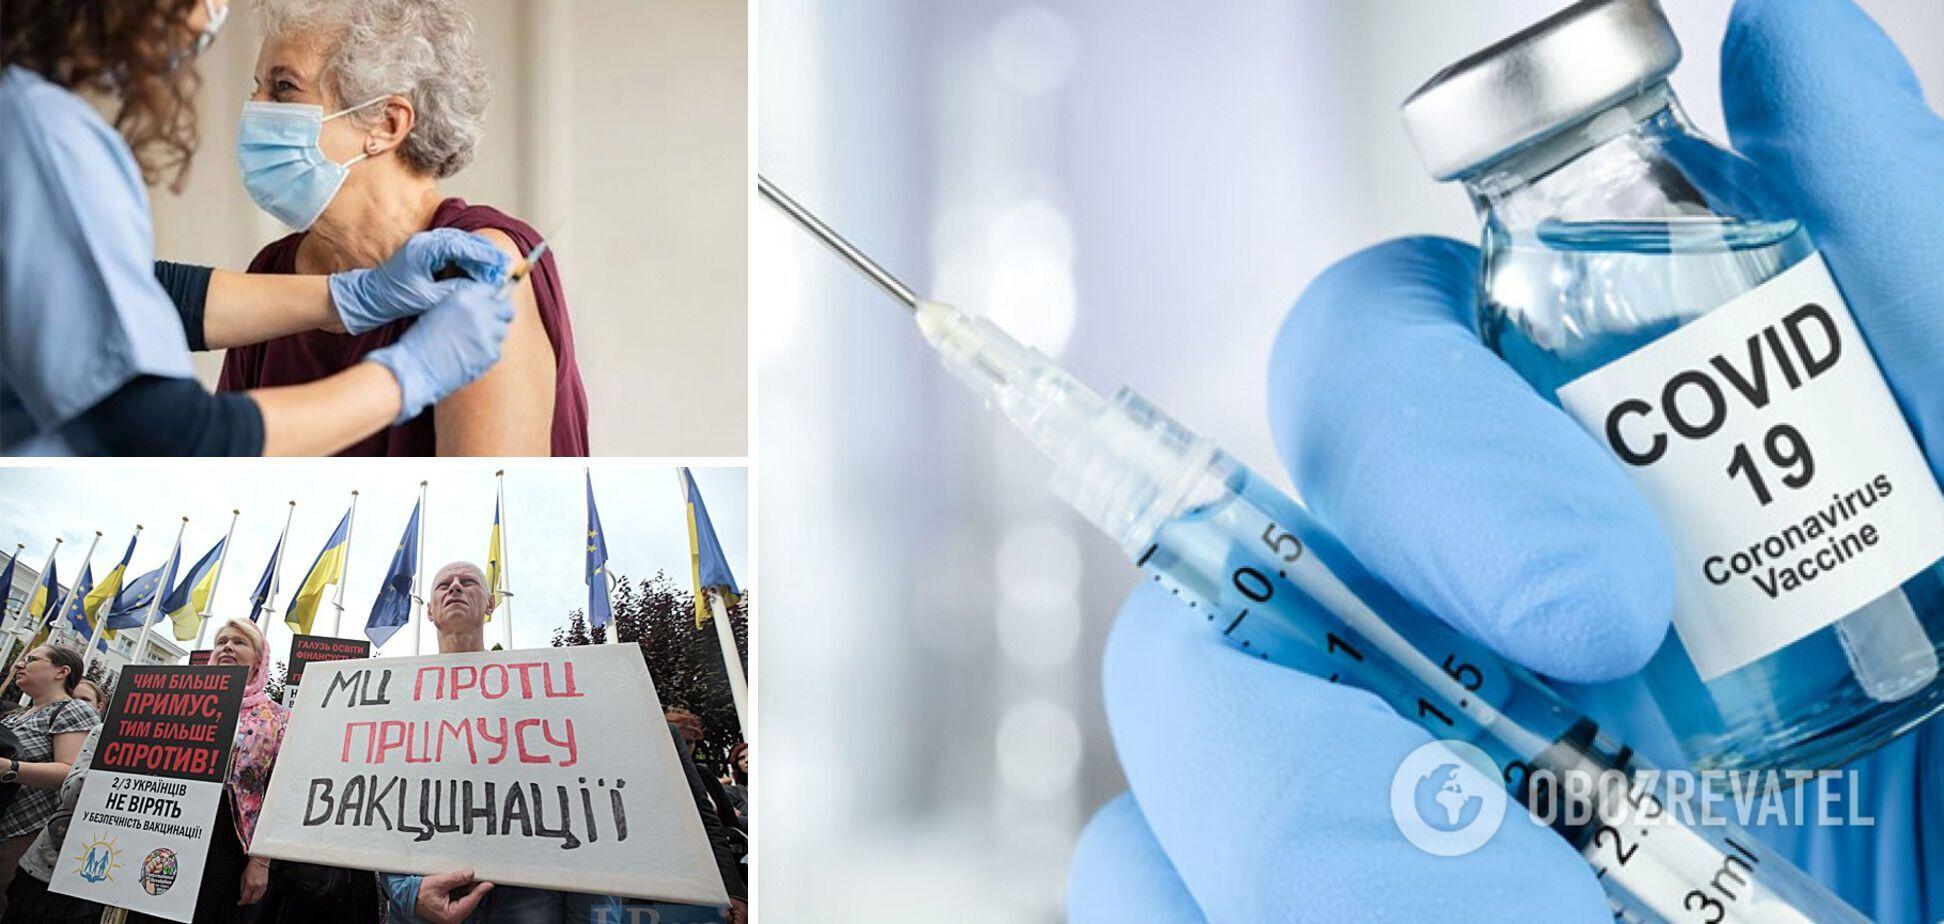 По законам военного времени. Нарушает ли обязательная вакцинация границы свободы людей?